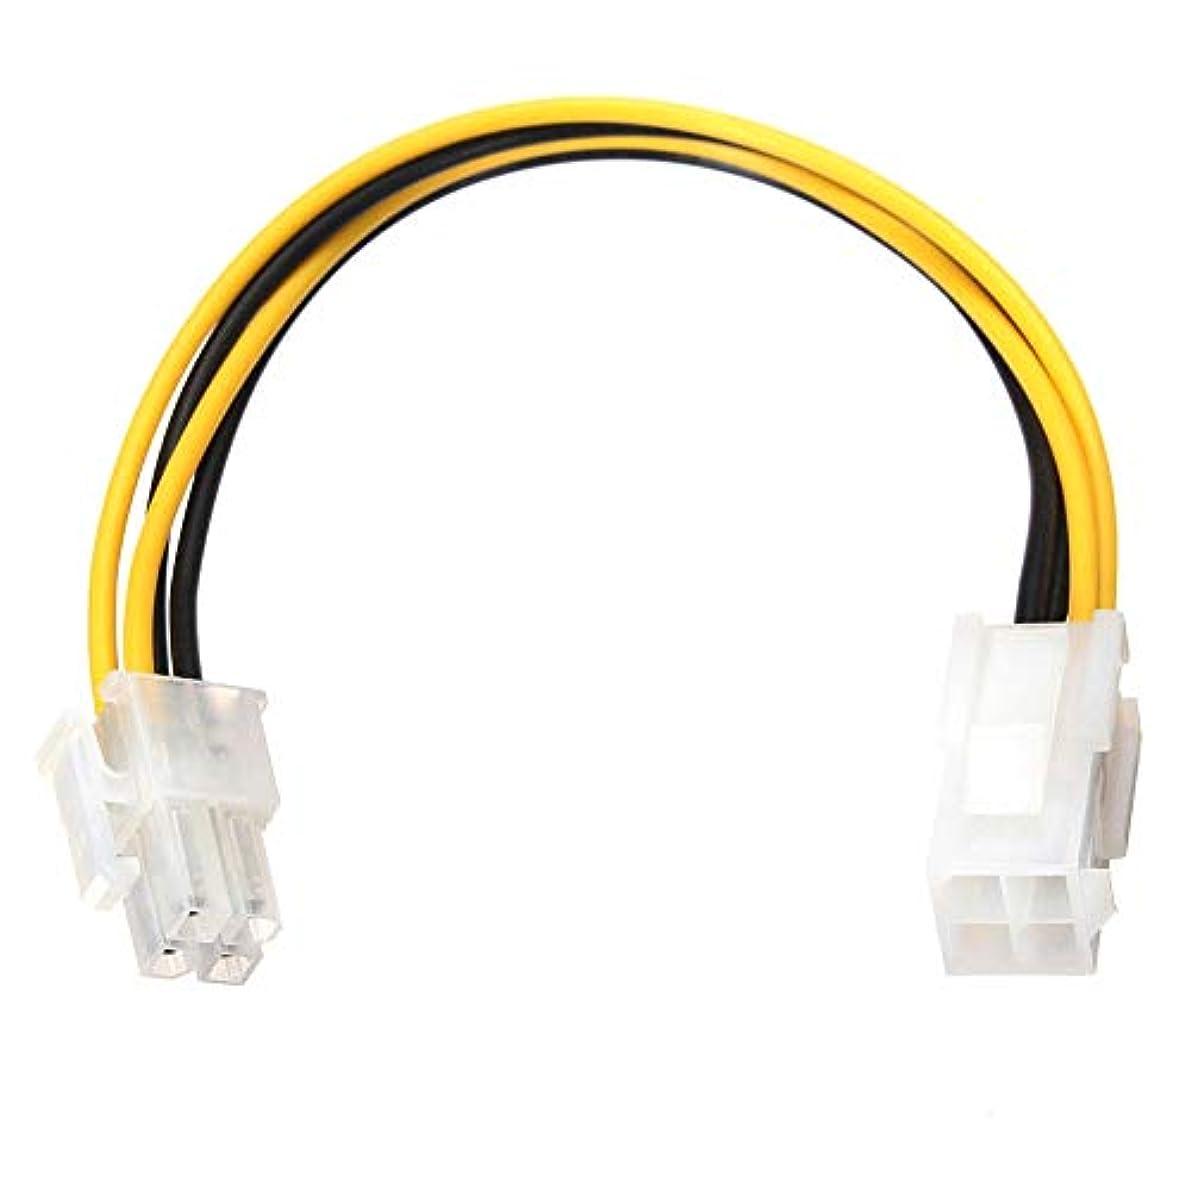 交通誕生日中にATX 4 ピンのオスにメス電源延長ケーブルコードコネクタアダプタ 8in